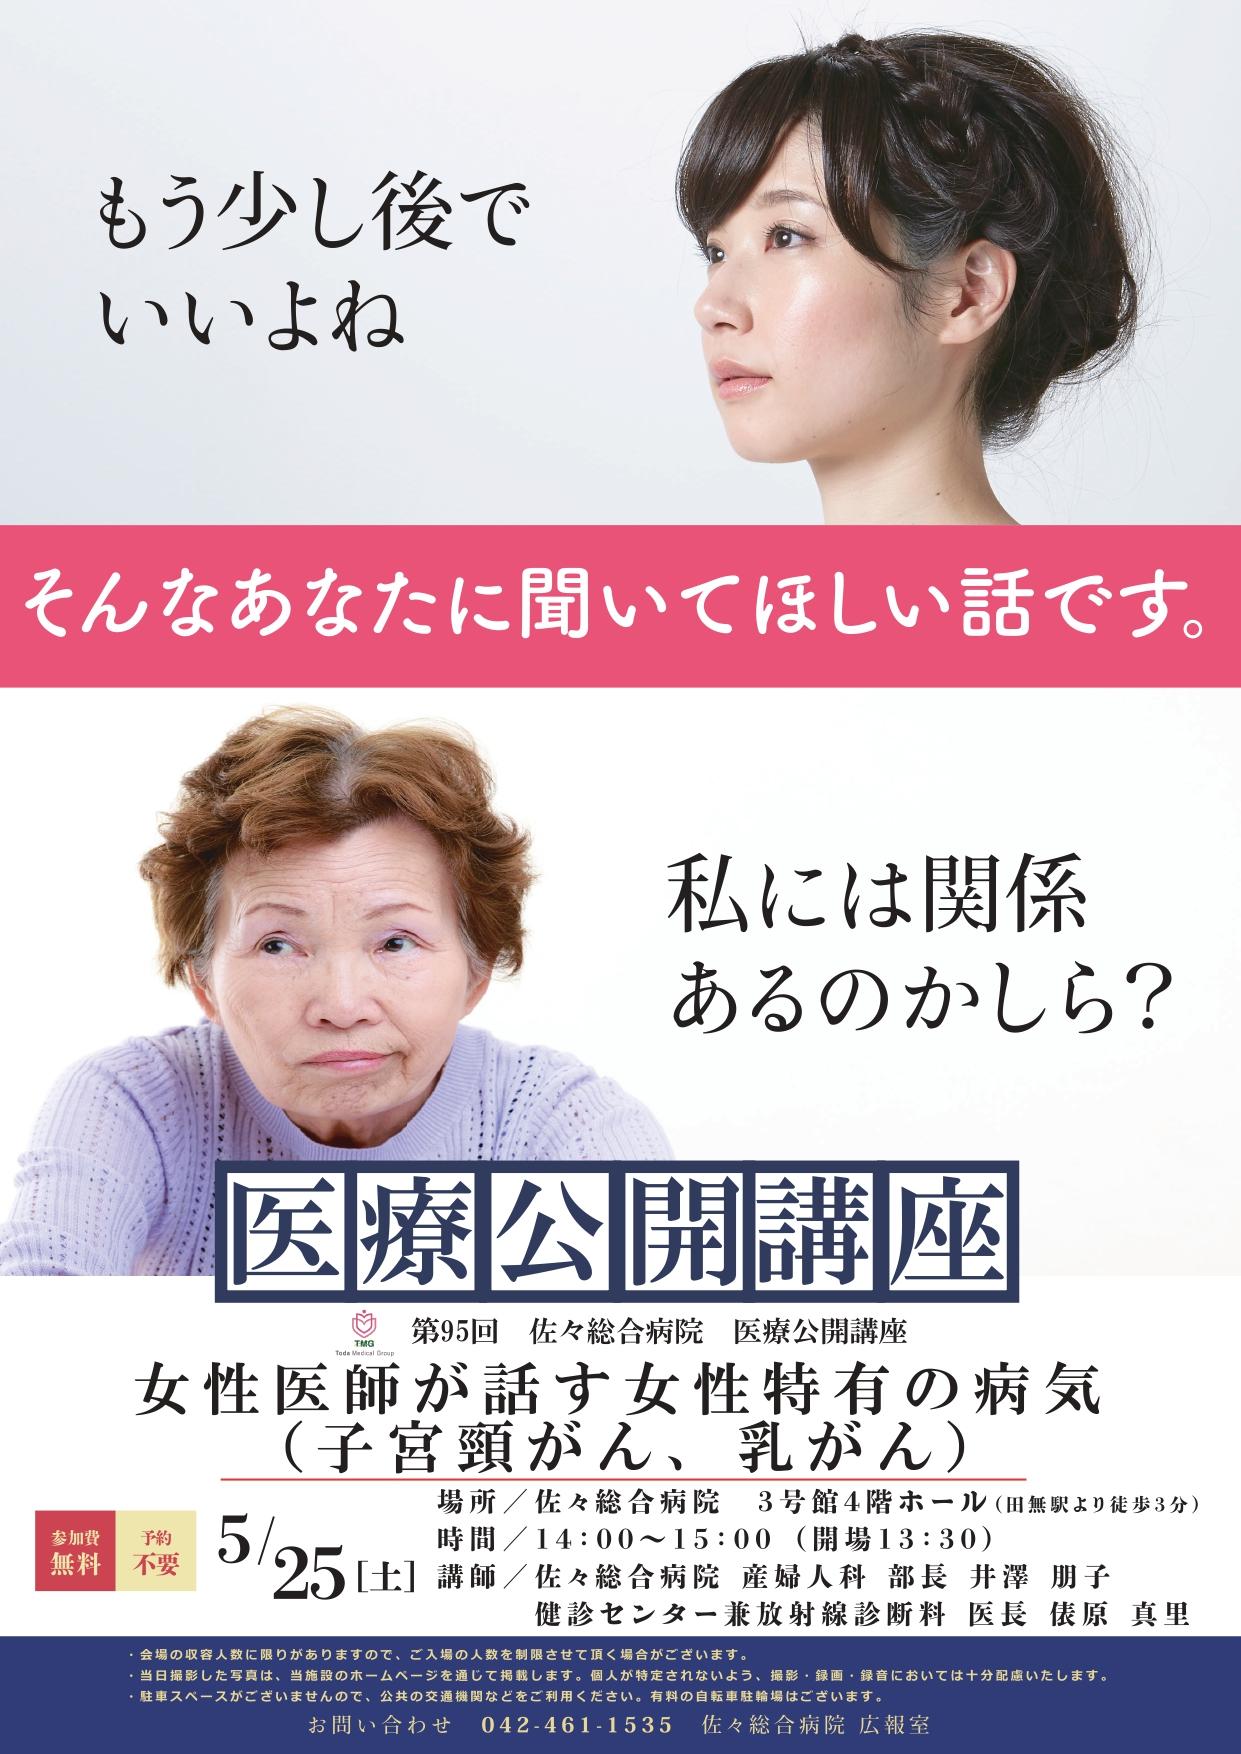 5月25日公開講座『女性医師が話す女性特有の病気(子宮頸がん、乳がん)』